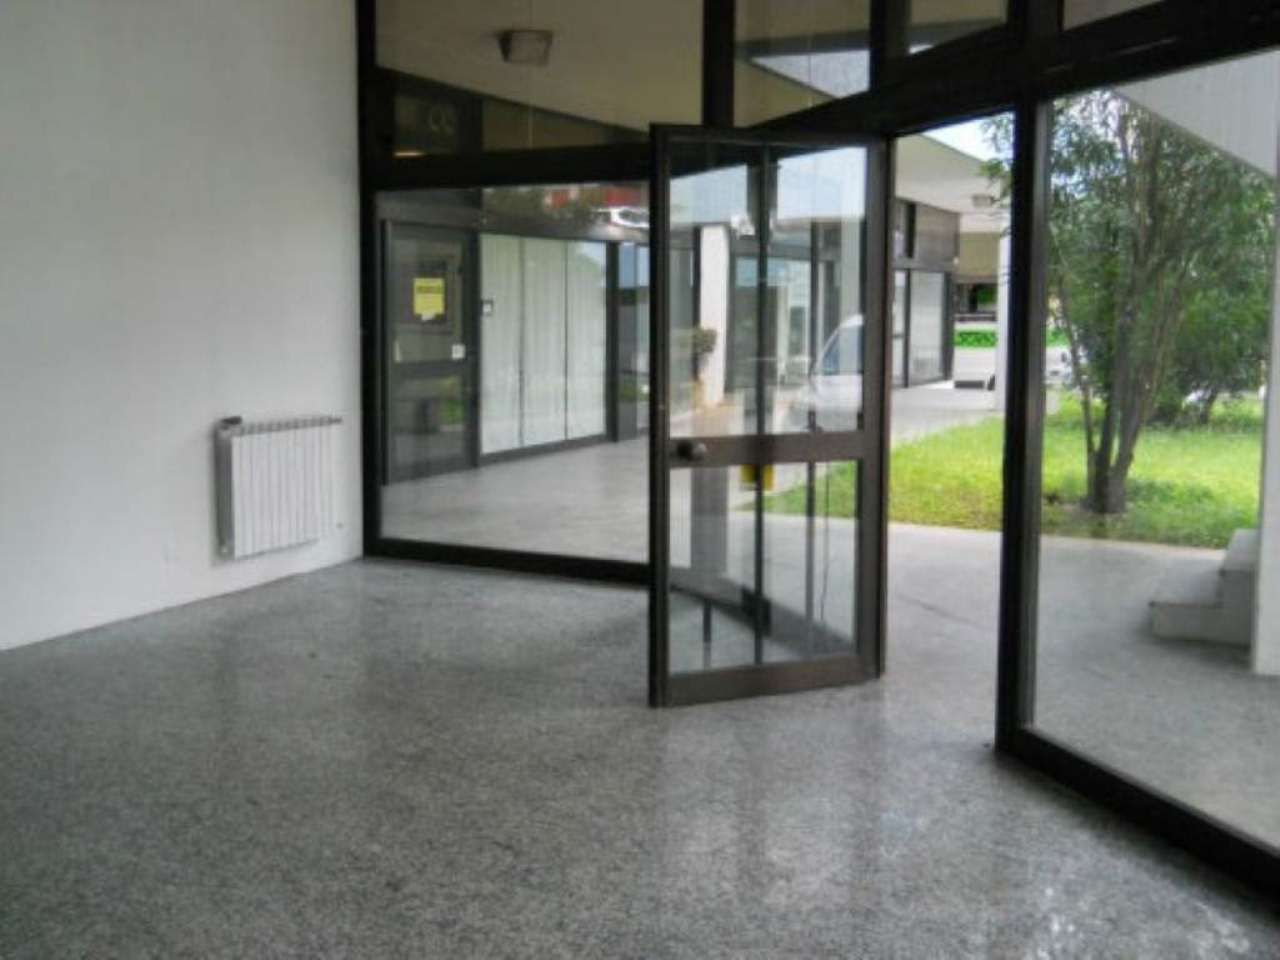 Negozio / Locale in affitto a Rezzato, 9999 locali, prezzo € 500 | Cambio Casa.it